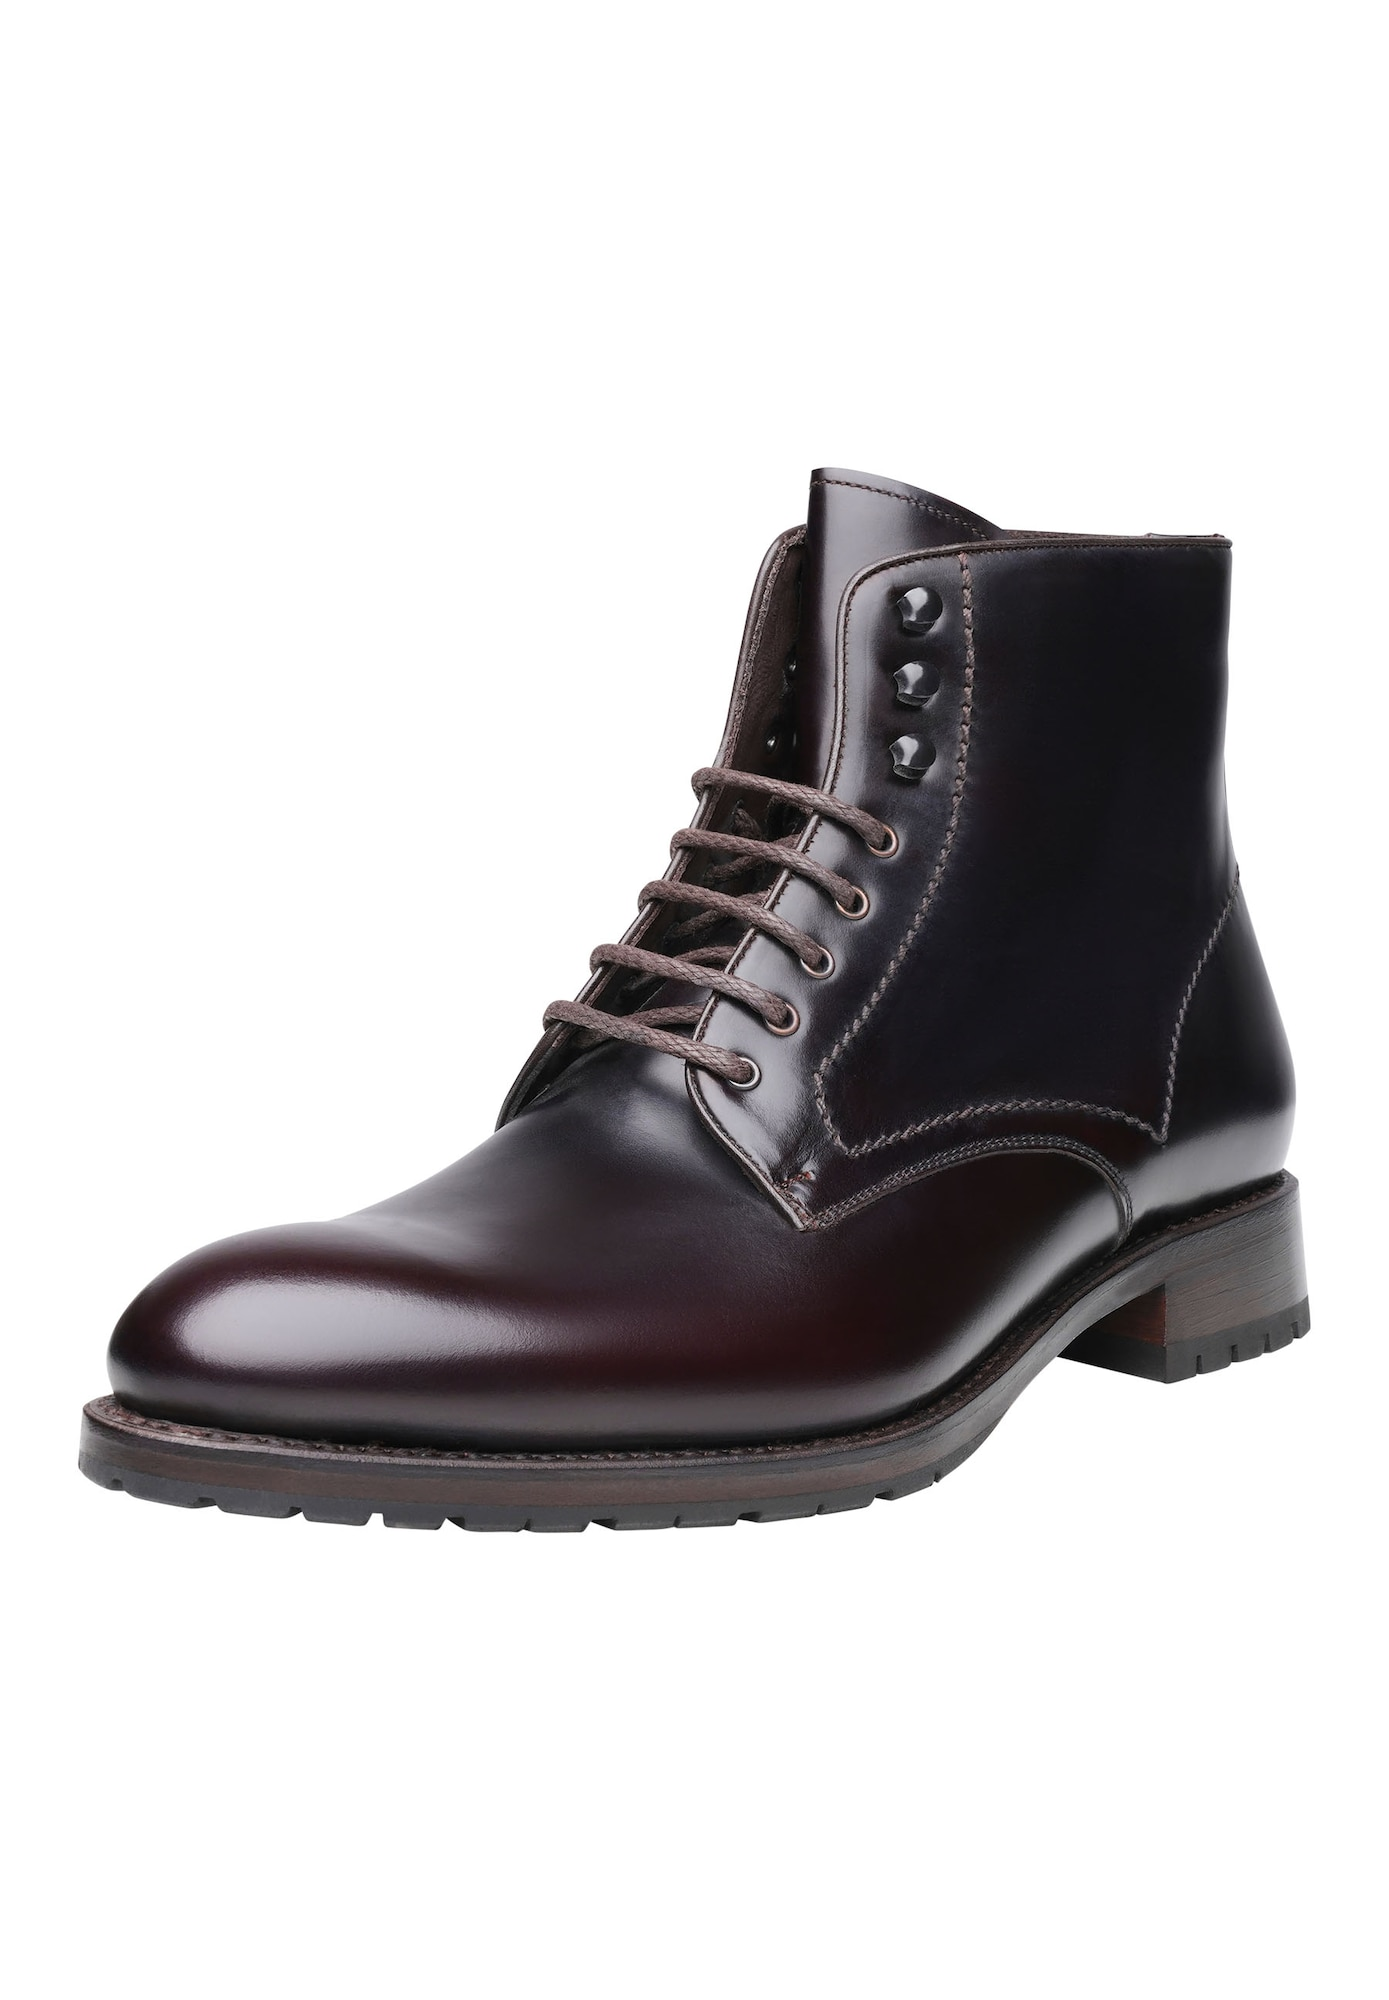 Boots Rahmengenäht 'No. 618'   Schuhe > Boots > Boots   SHOEPASSION